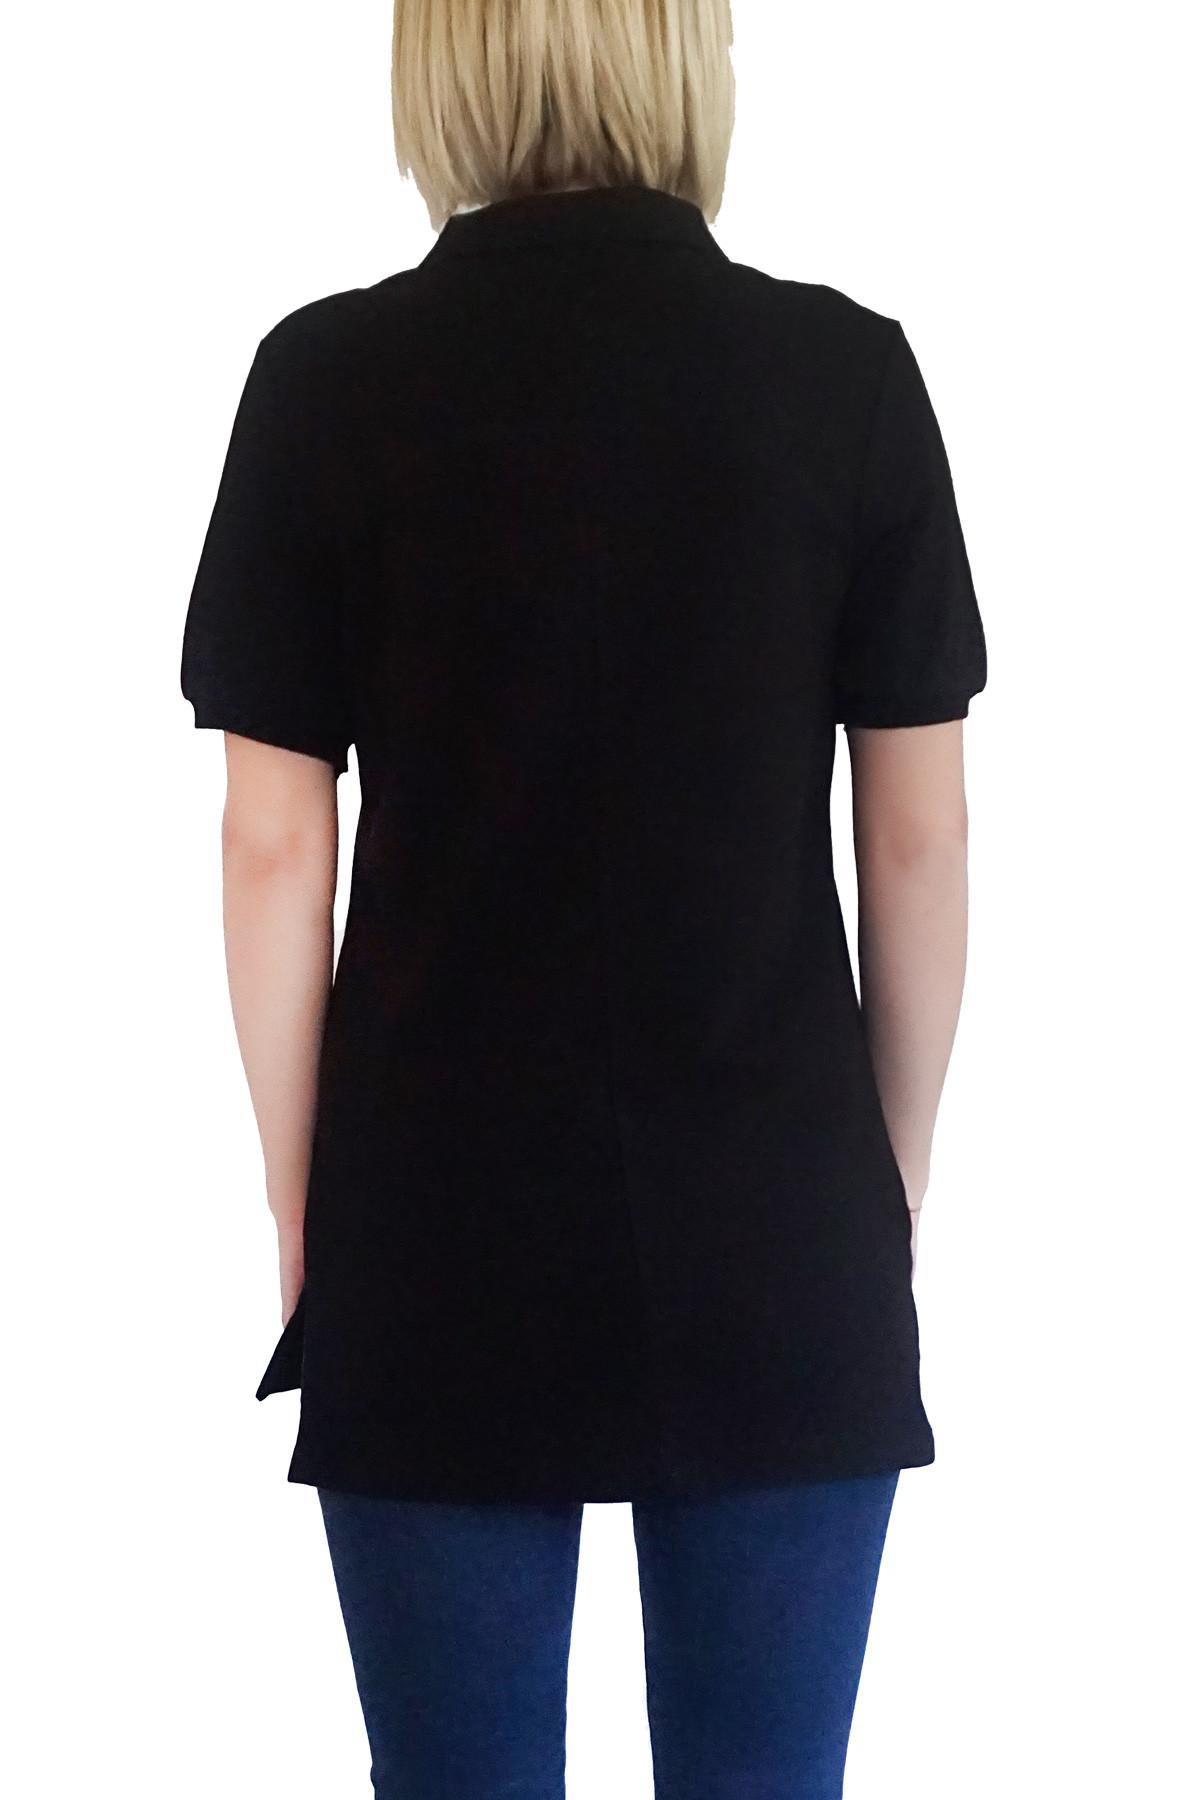 MOF Kadın Siyah T-Shirt POLO-F-S 2